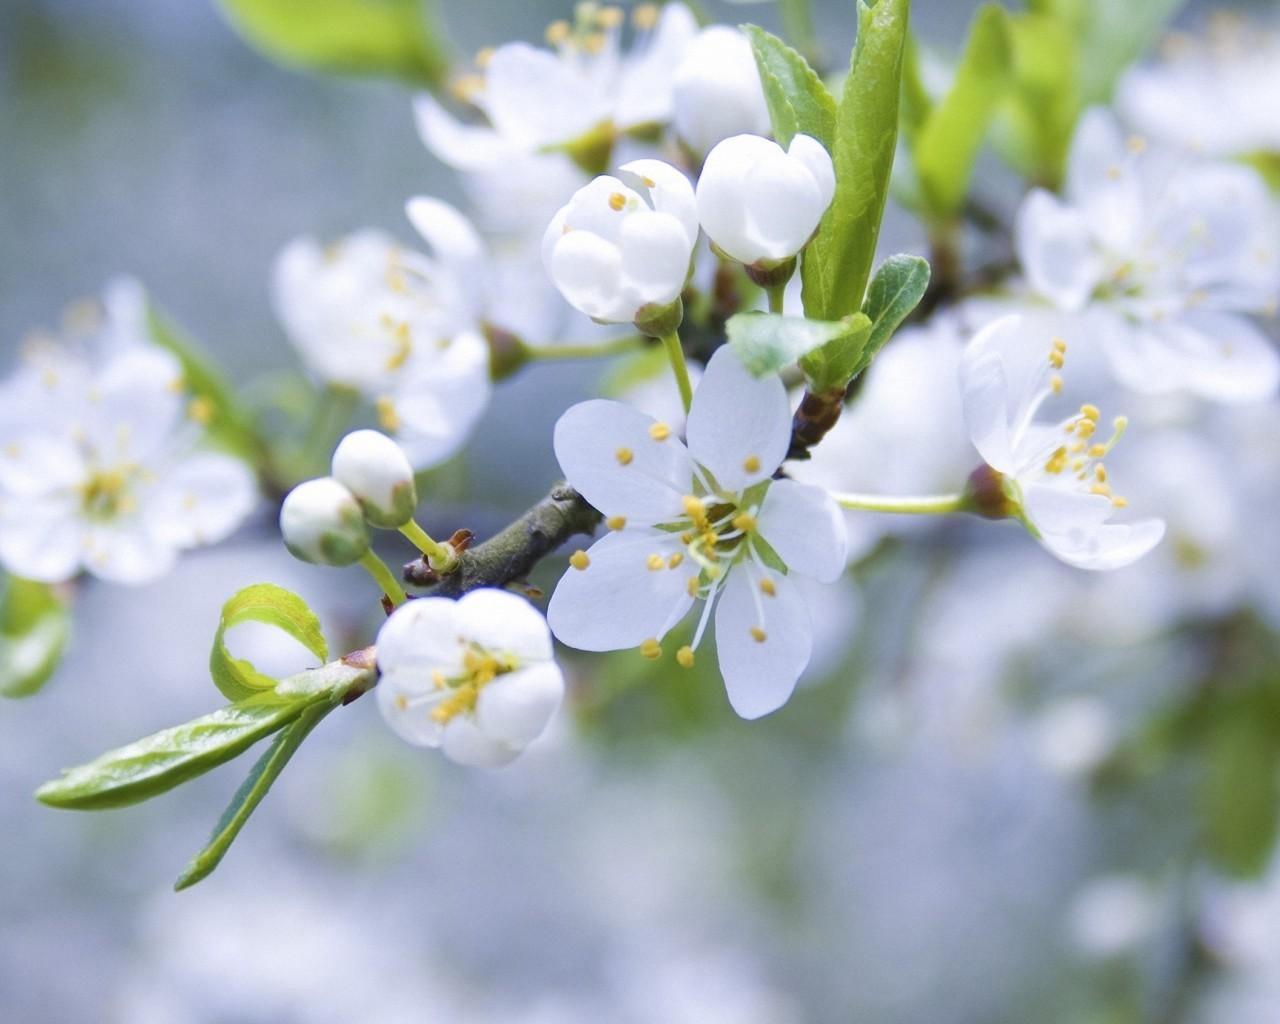 Handy-Wallpaper Pflanzen, Blumen, Bäume kostenlos herunterladen.